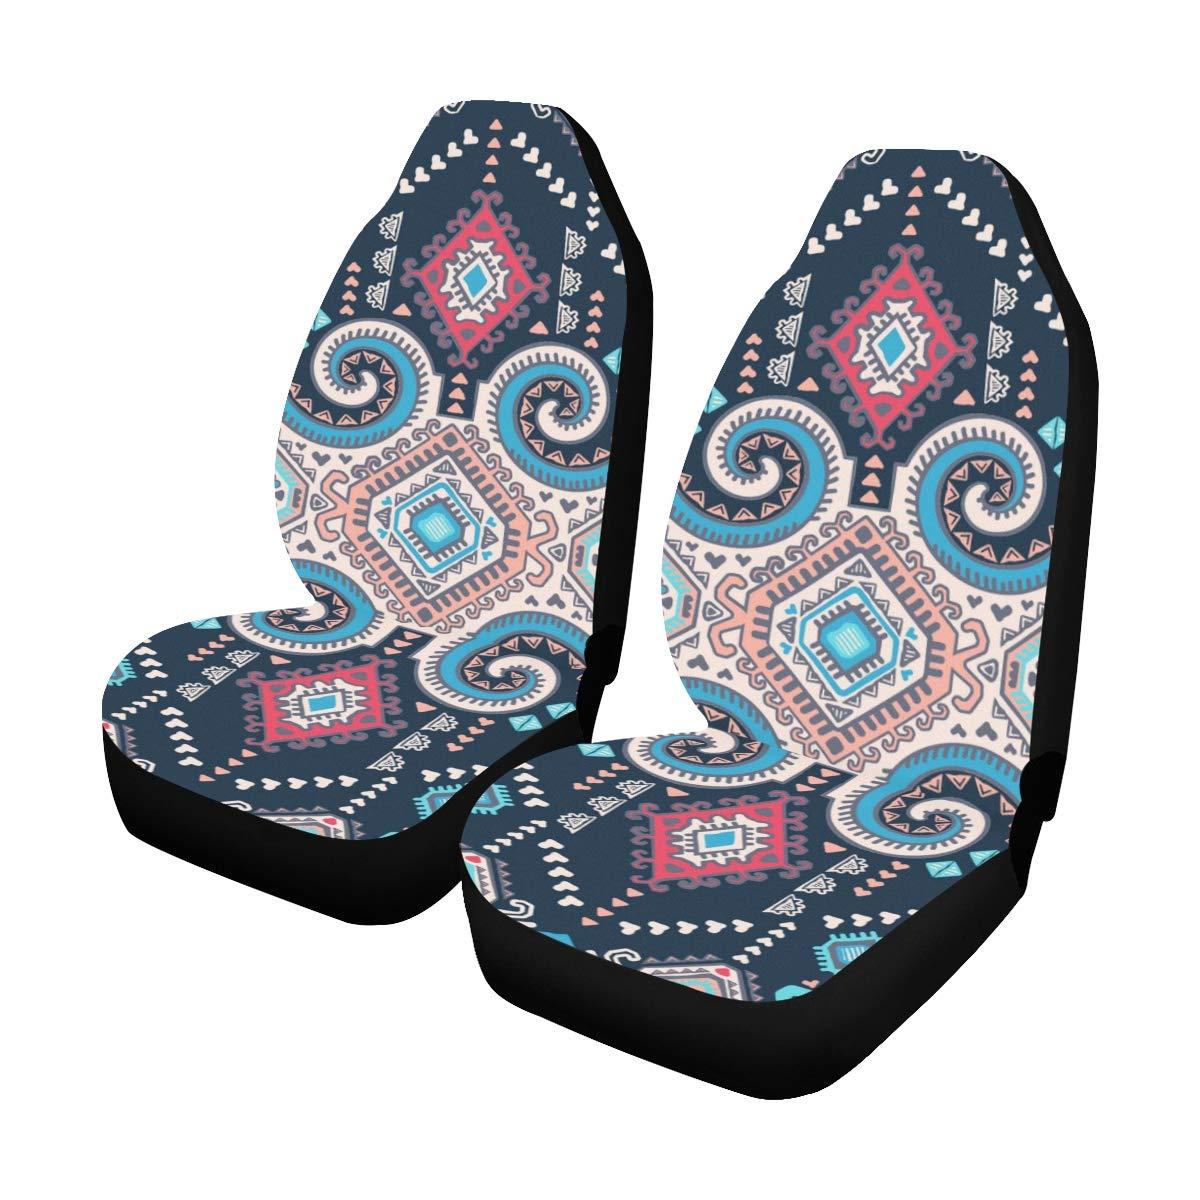 Messicano Vintage Tribal Ethnic Custom Nuovo Universale Auto Drive Car Seat Covers Protector per le donne Automobile Jeep Truck Suv Veicolo Set completo Accessori Per adulti Baby set di 2 anteriore